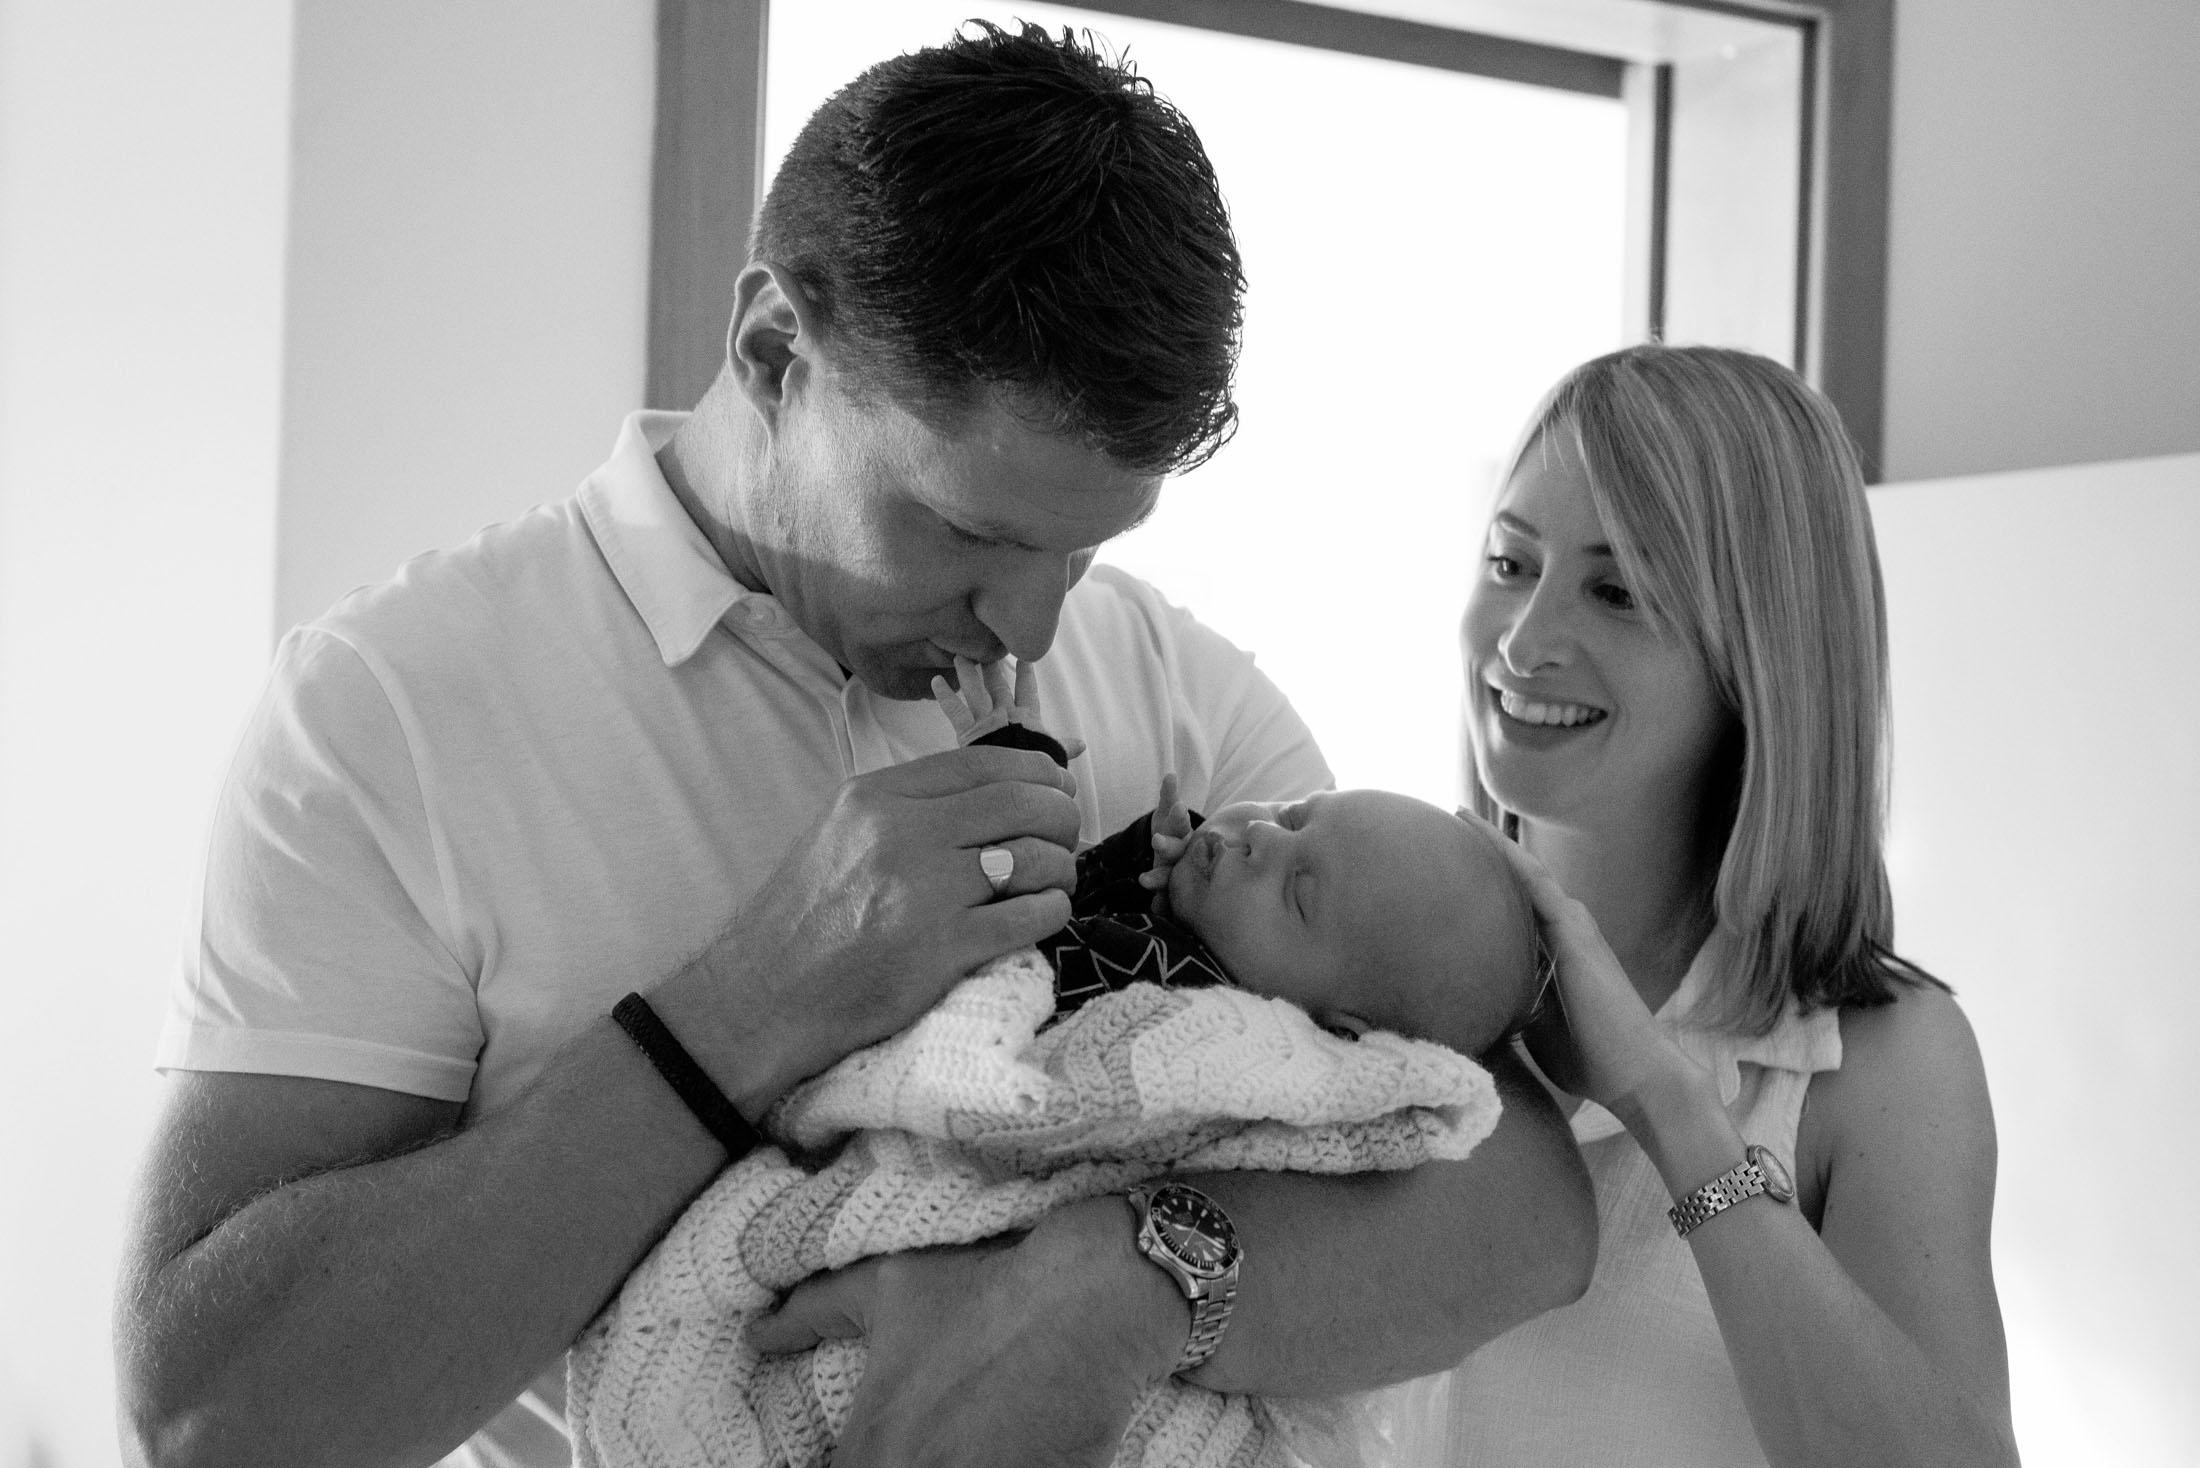 Leckey_Family-Photography-unposed06.JPG